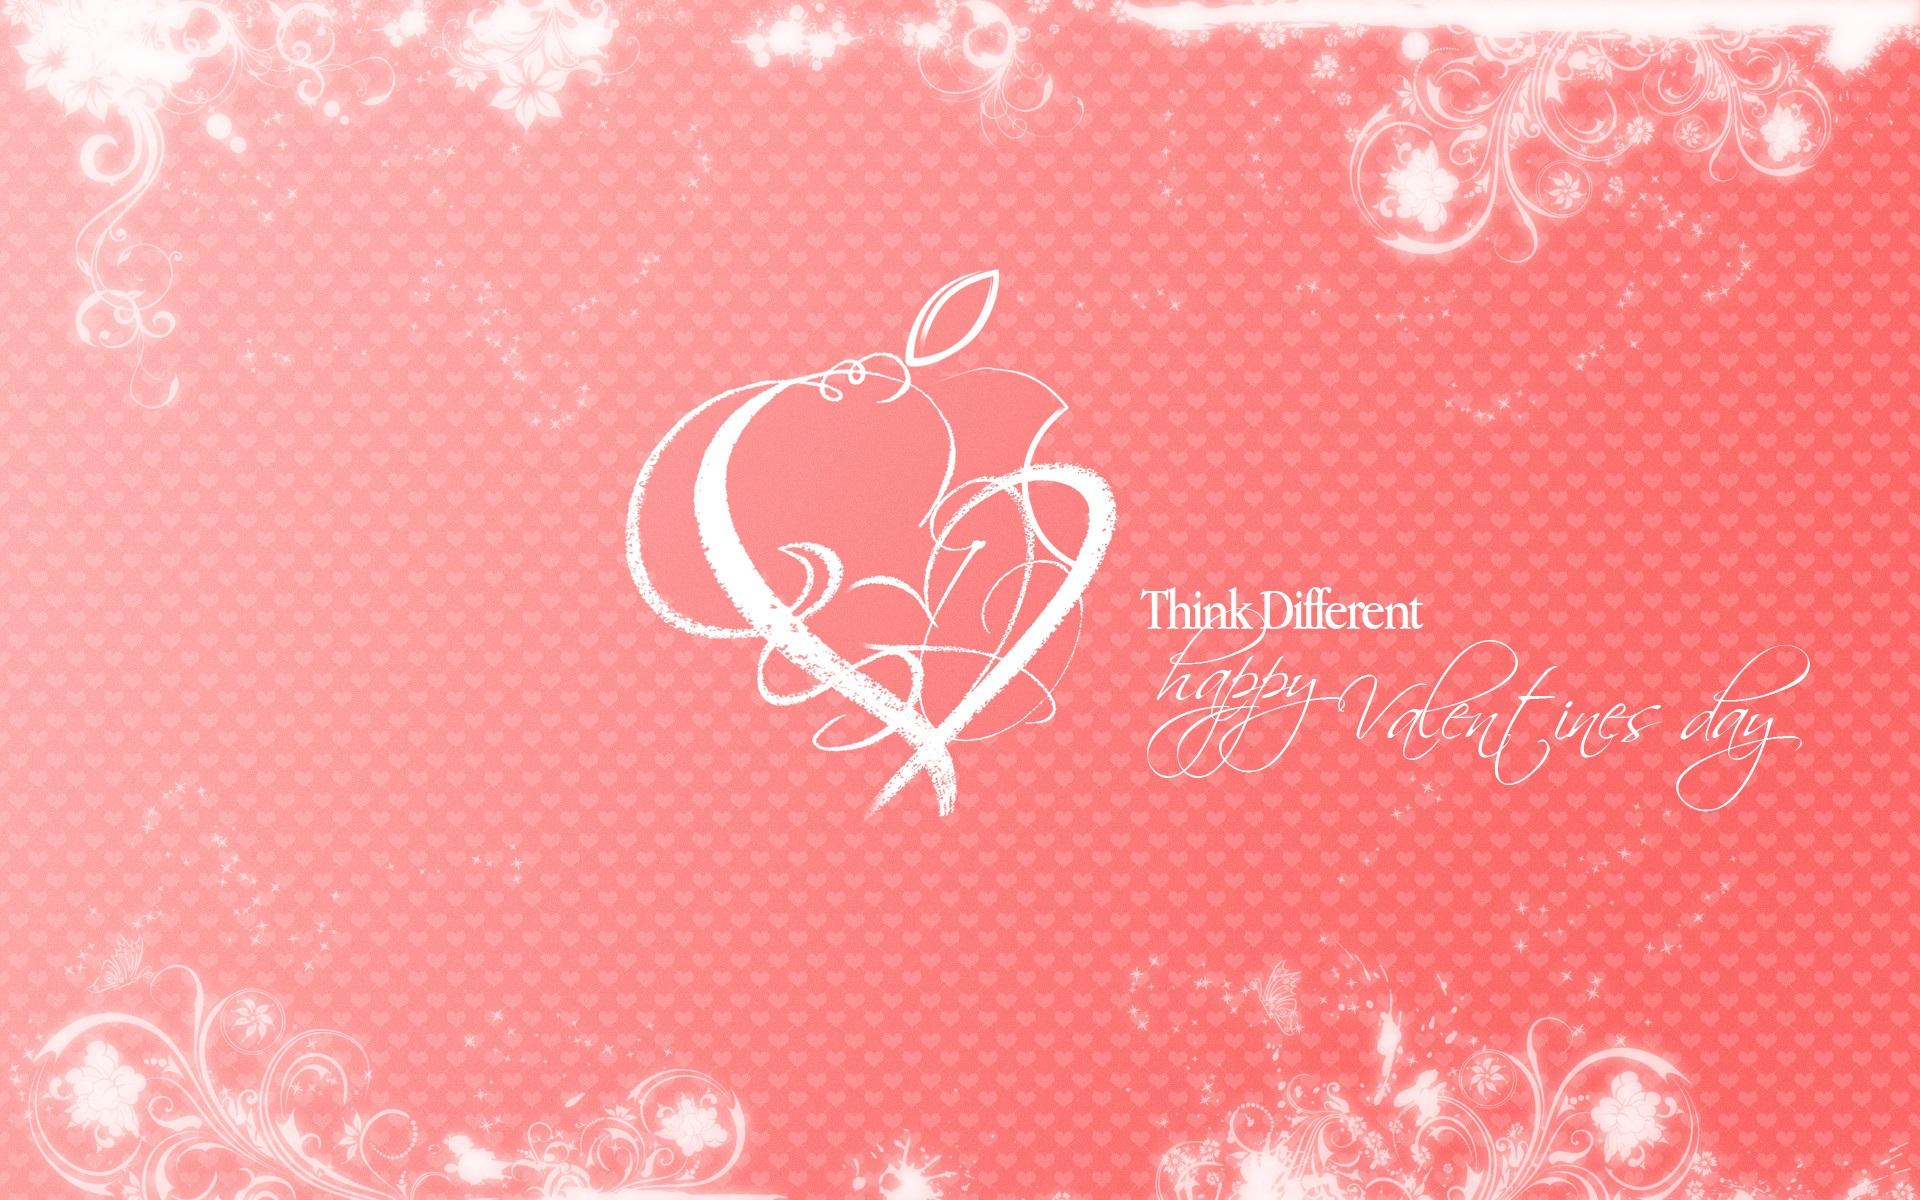 download hintergrundbilder 1920x1200 apple happy valentinstag hd hintergrund. Black Bedroom Furniture Sets. Home Design Ideas